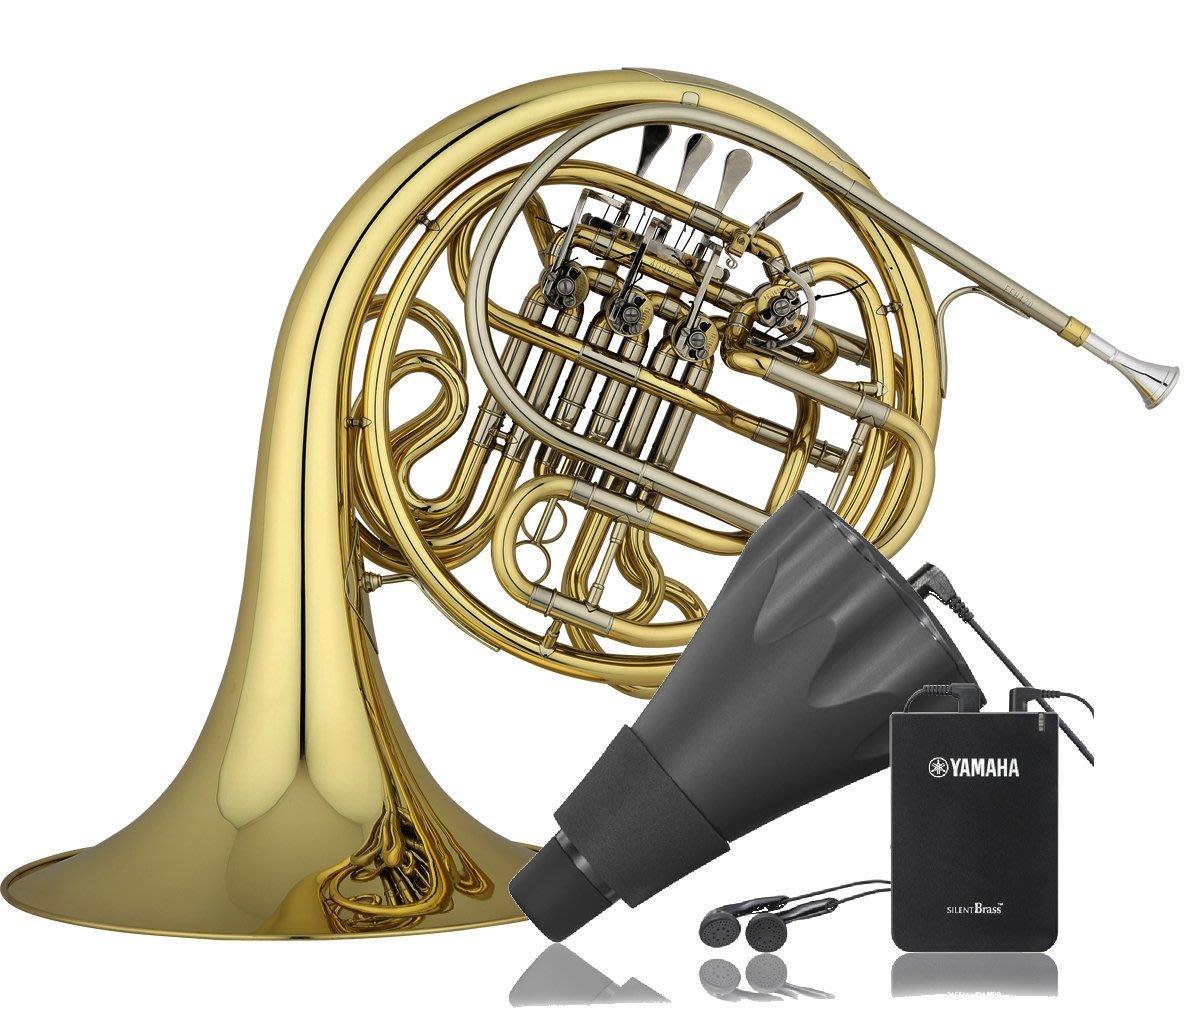 【現代樂器】免運!Yamaha Pickup Mute SB3X 法國號 弱音器 拾音靜音器